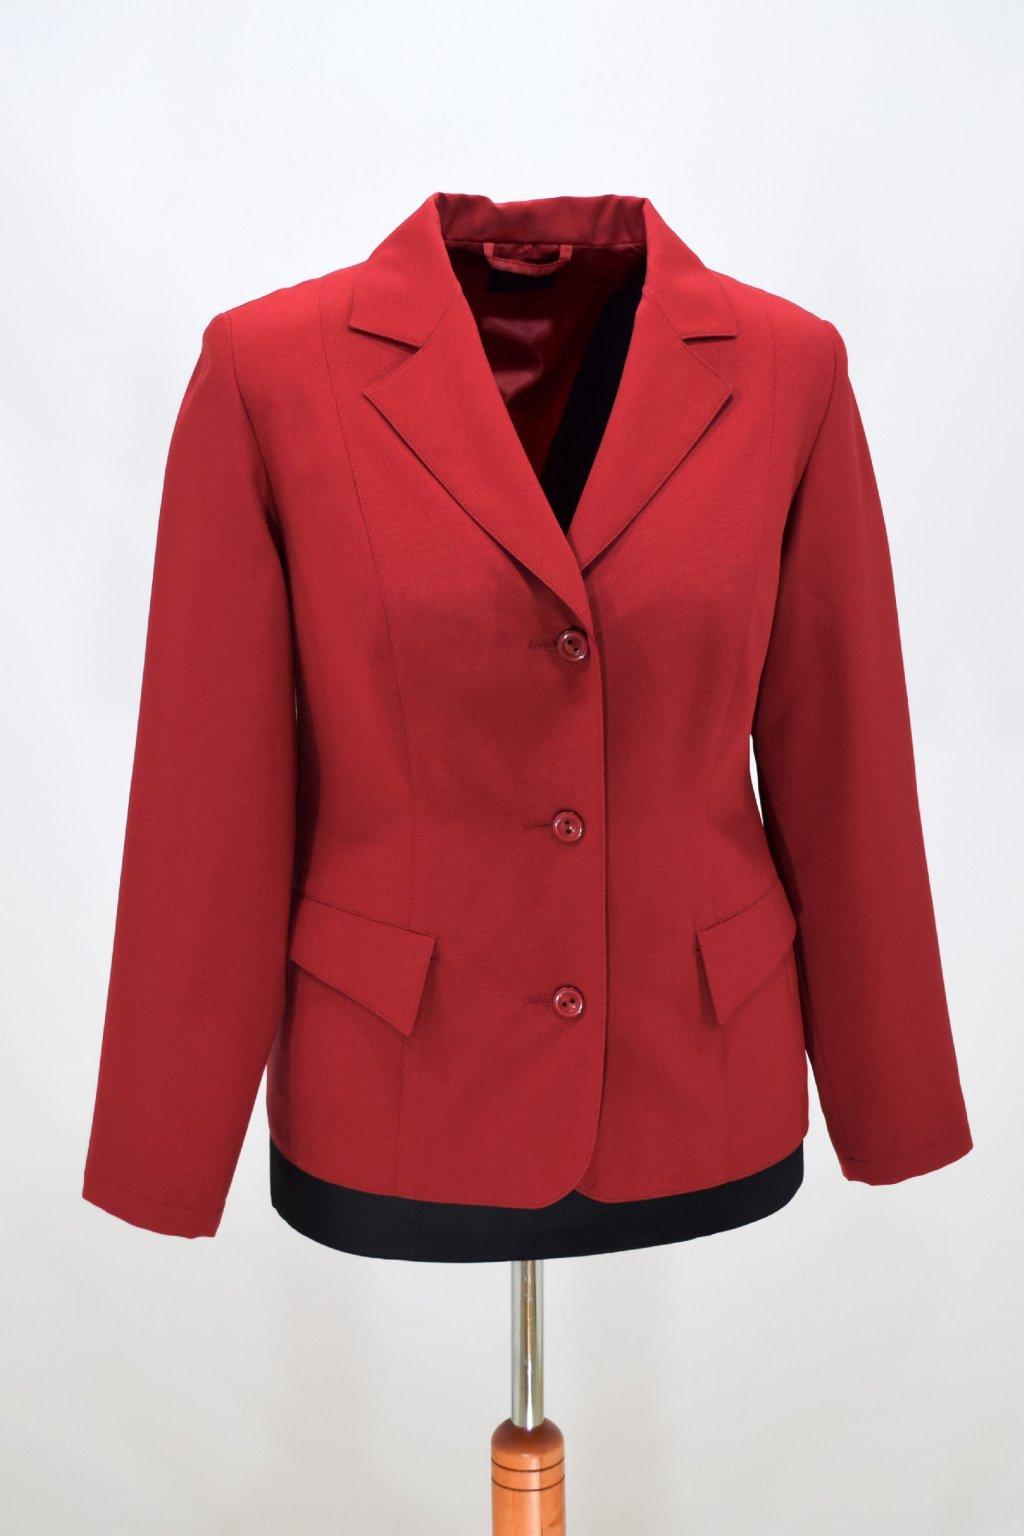 Dámské vínovočervené sako Manon.